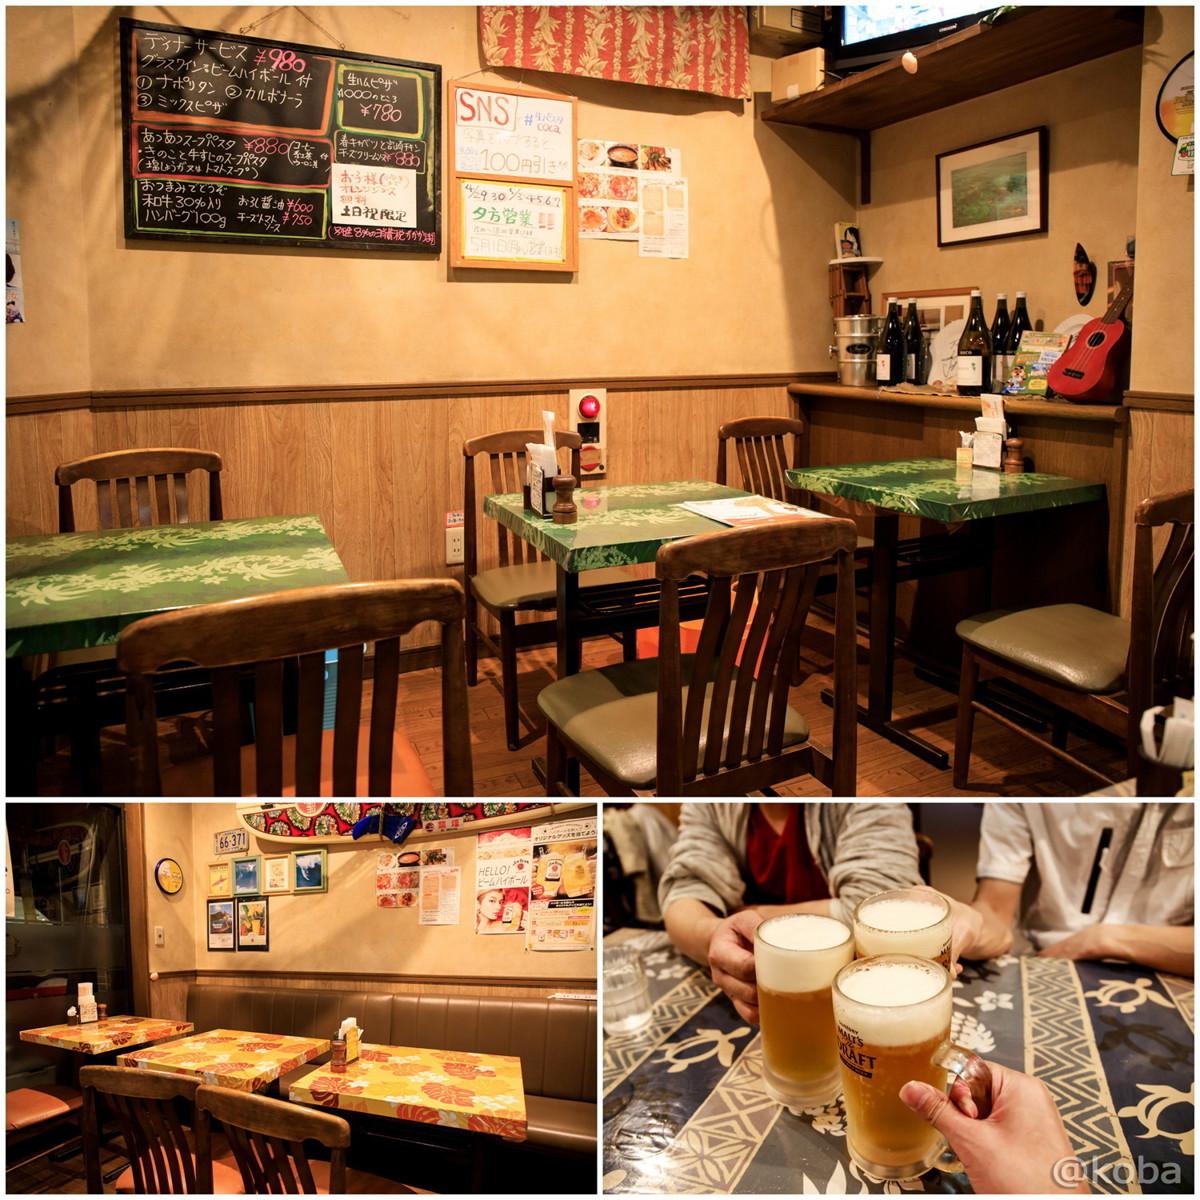 内観と乾杯の写真_千葉県 鎌ヶ谷 Coca(コカ・koka こか) 生パスタ 手づくりピザ イタリアン